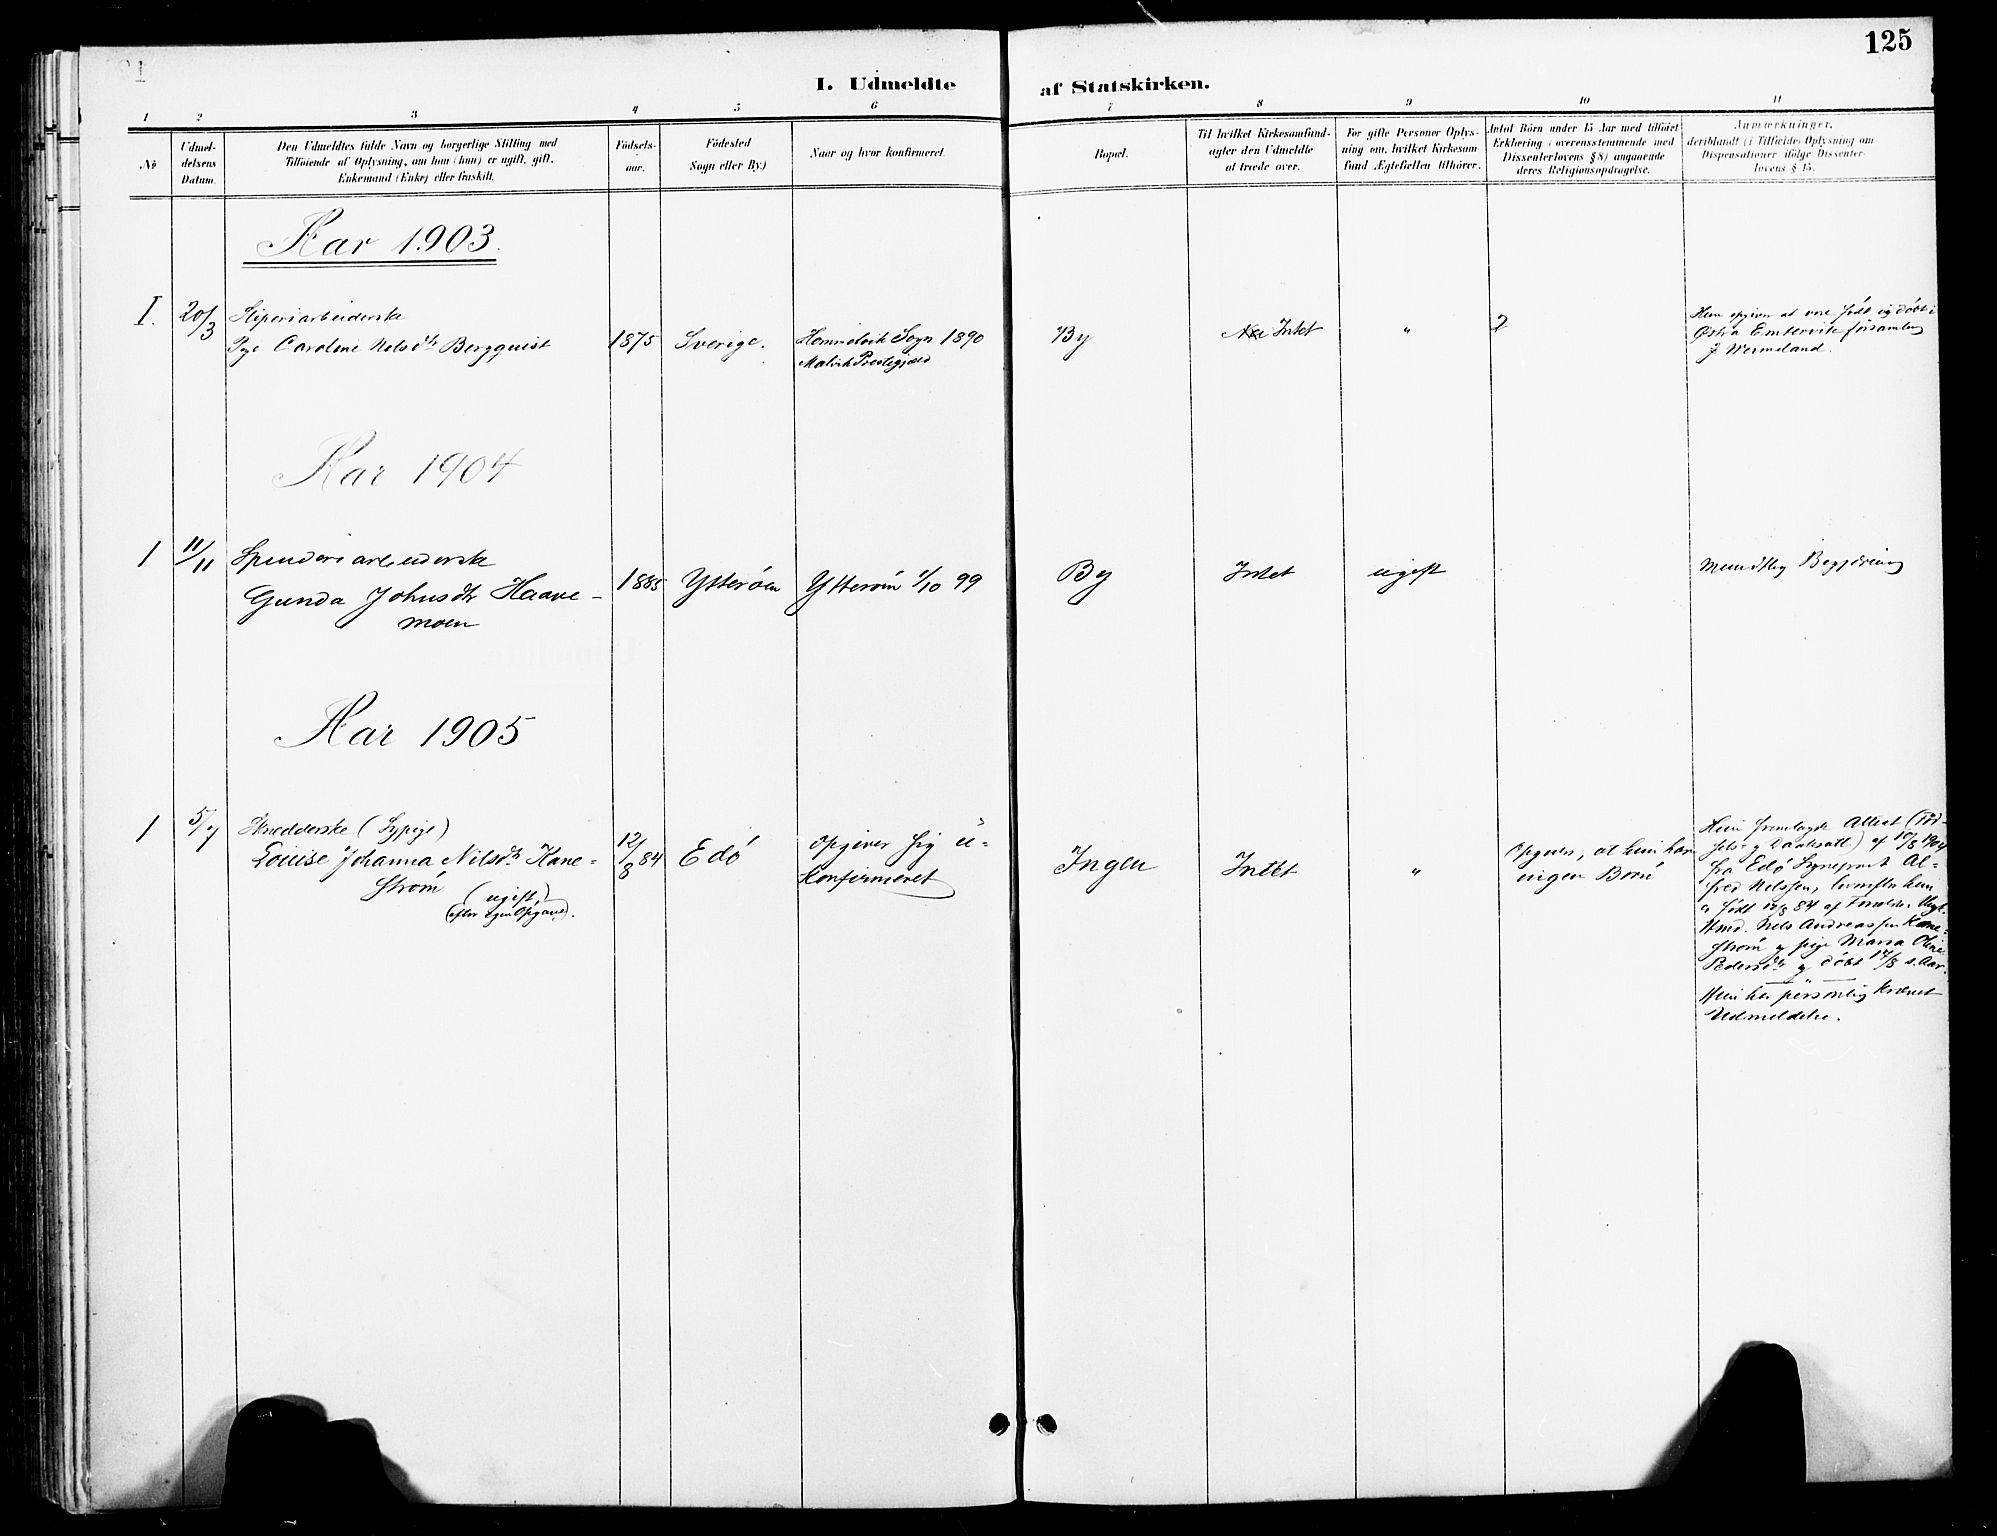 SAT, Ministerialprotokoller, klokkerbøker og fødselsregistre - Nord-Trøndelag, 740/L0379: Ministerialbok nr. 740A02, 1895-1907, s. 125